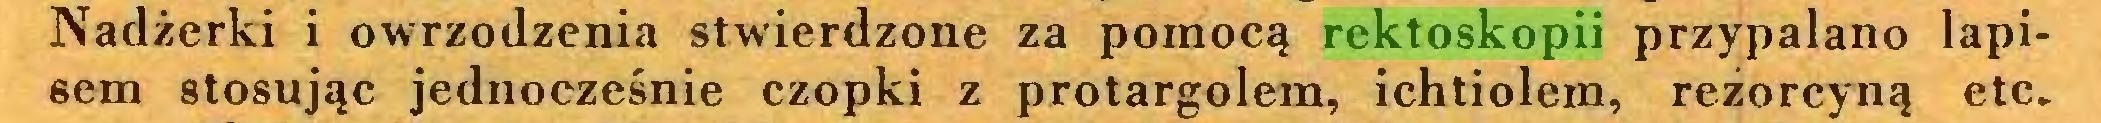 (...) Nadżerki i owrzodzenia stwierdzone za pomocą rektoskopii przypalano lapisem stosując jednocześnie czopki z protargolem, ichtiolem, rezorcyną etc...